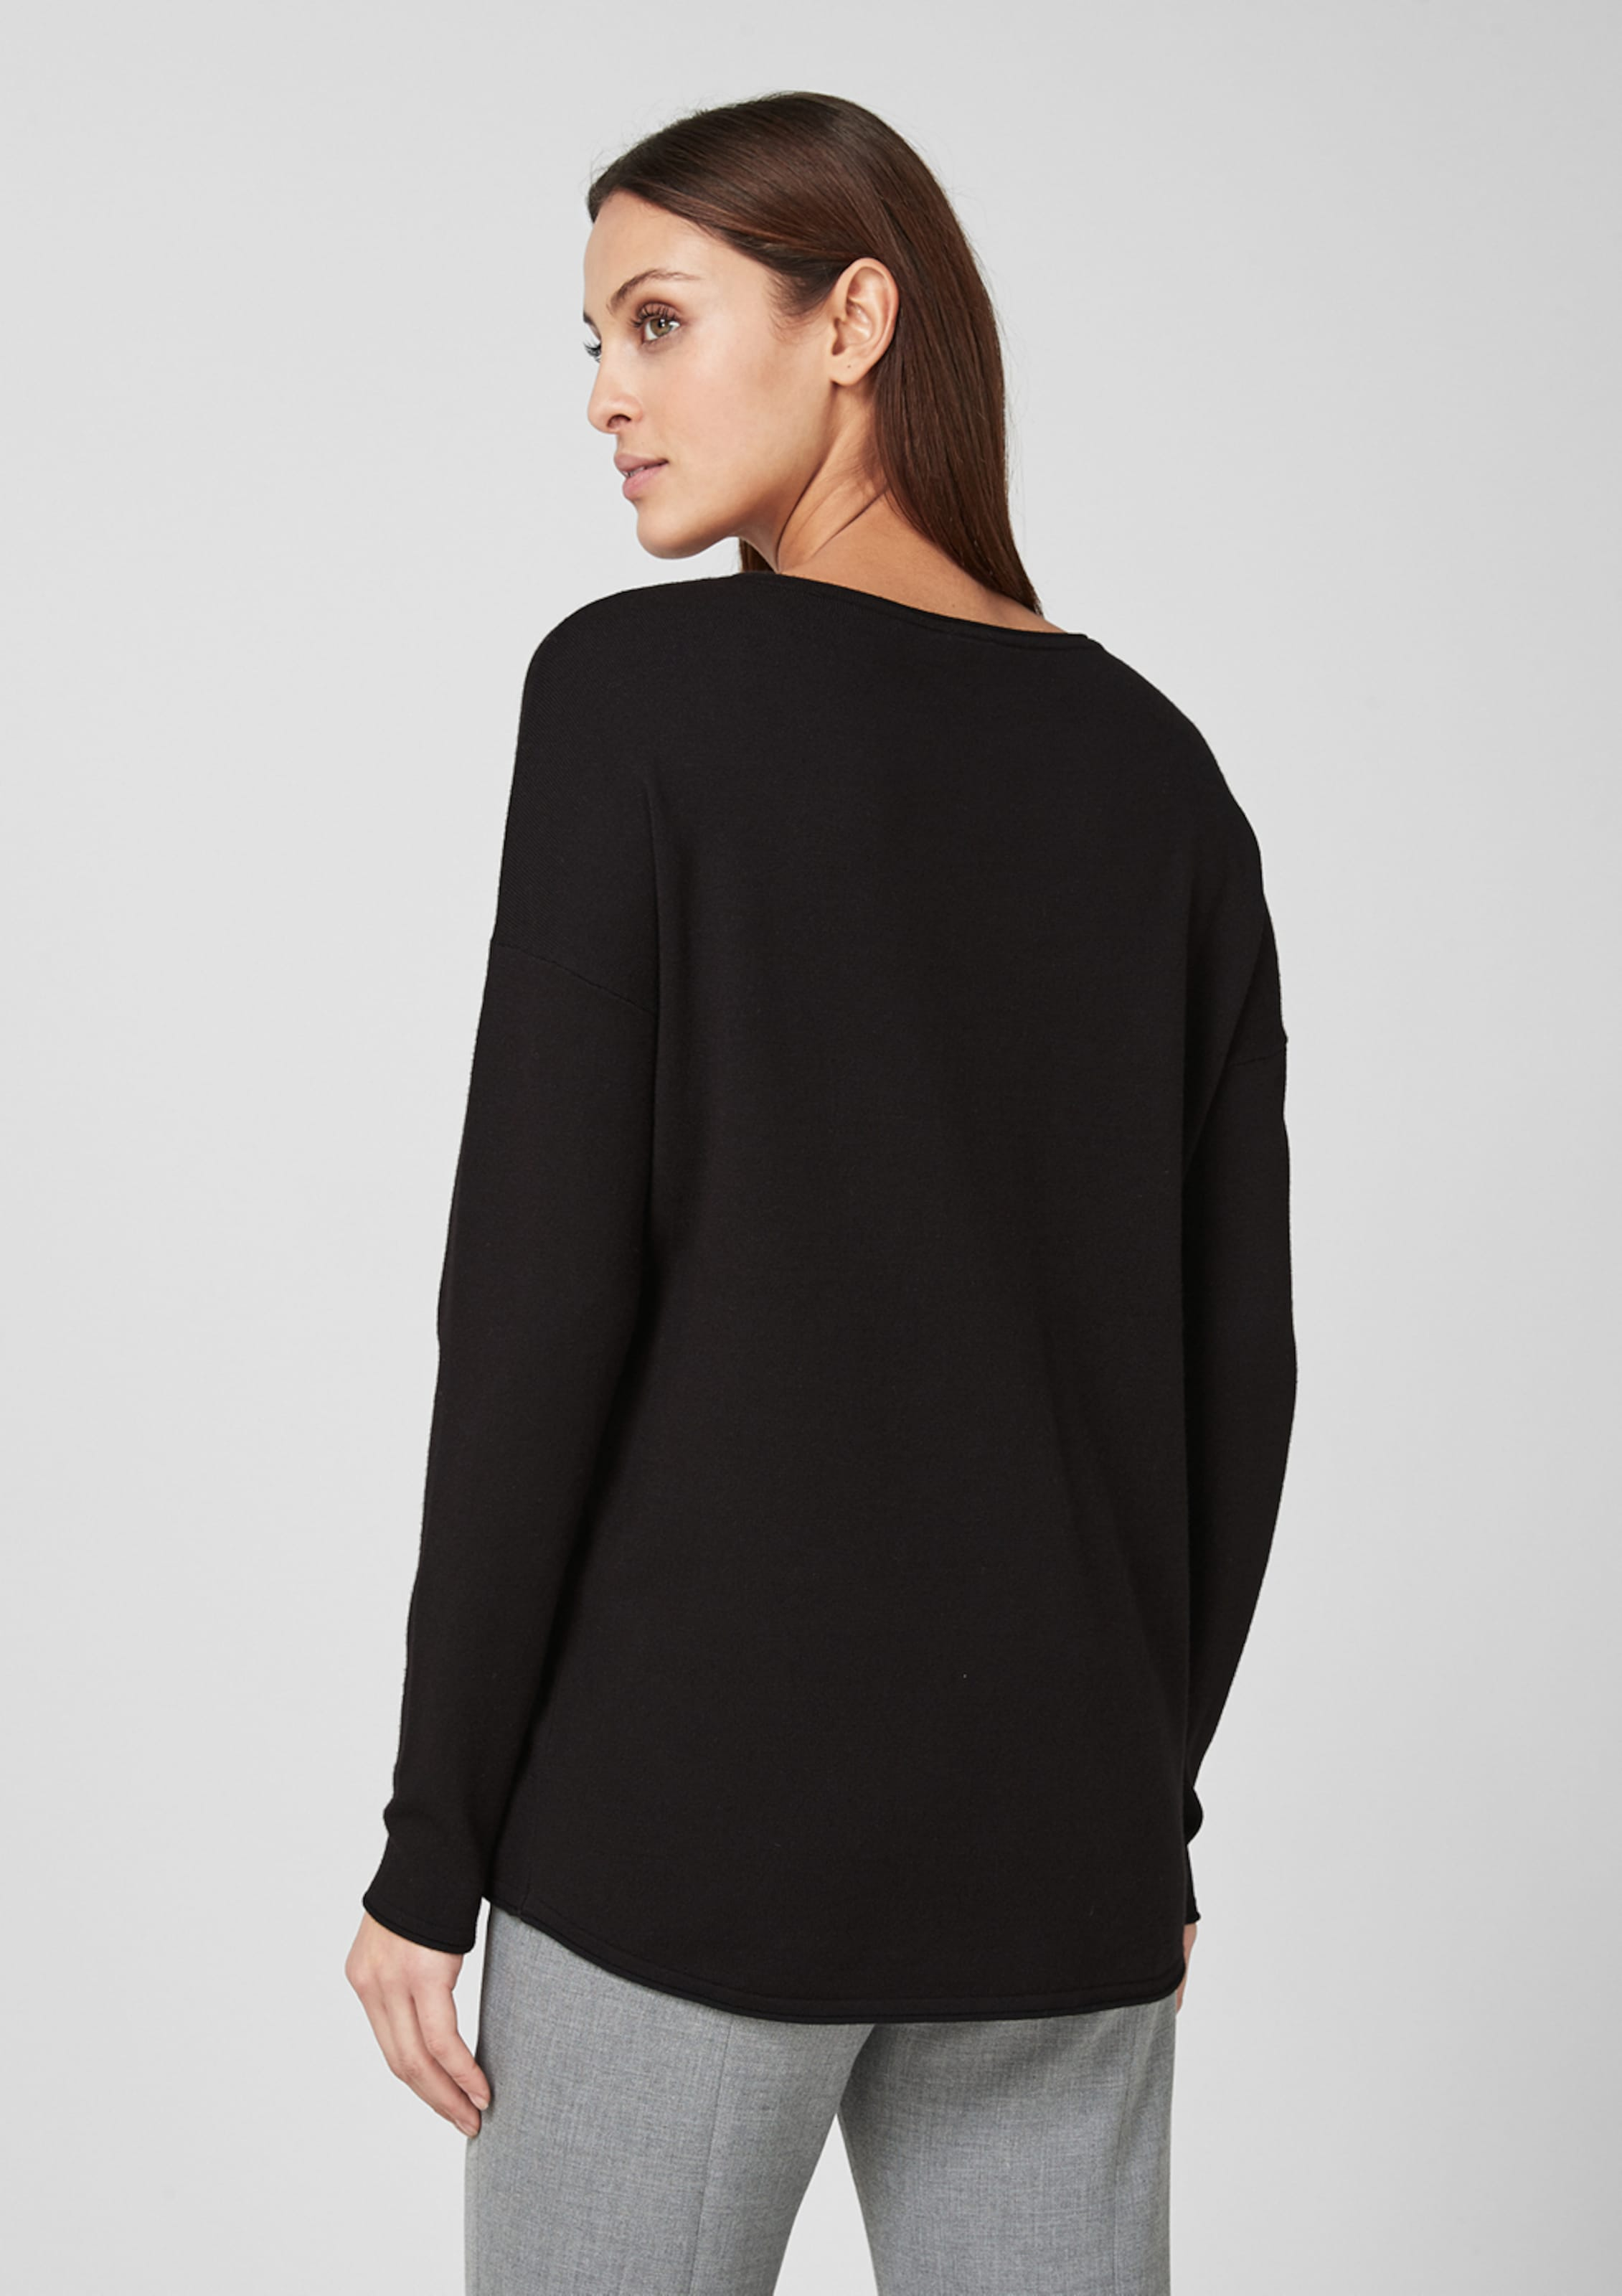 In S oliver Black Label Schwarz Pullover 34q5RLcjA